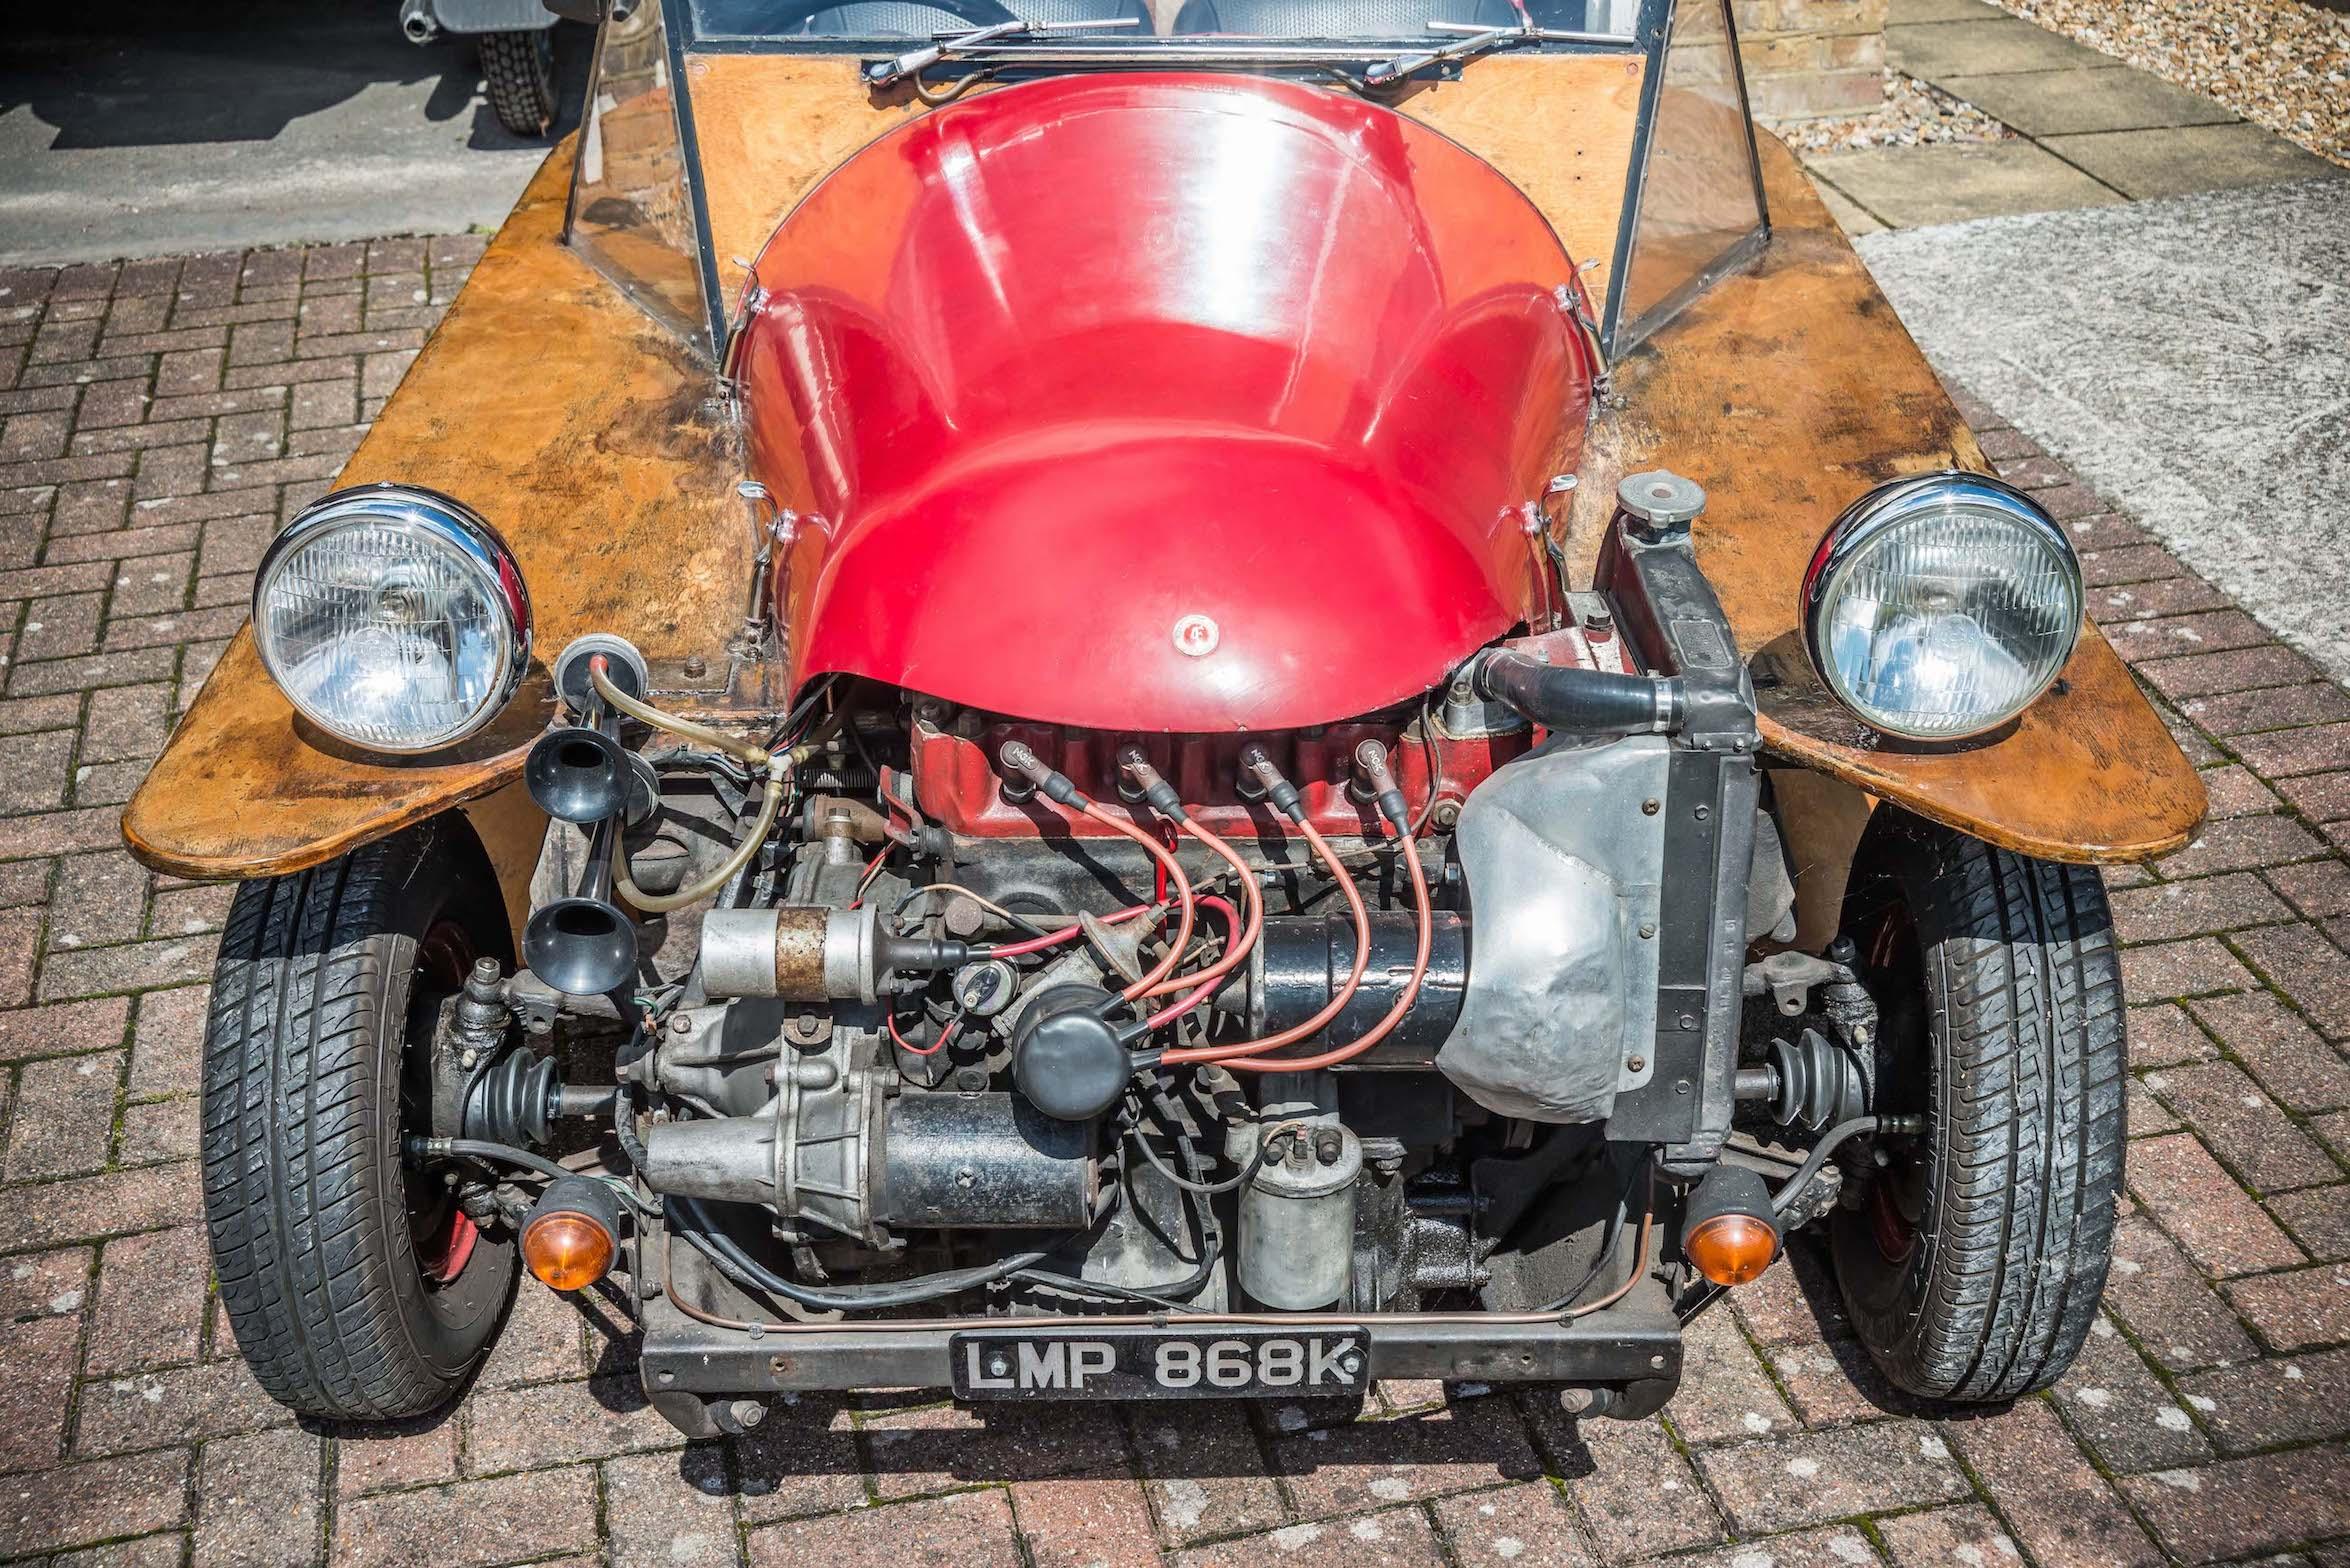 AF Spider engine